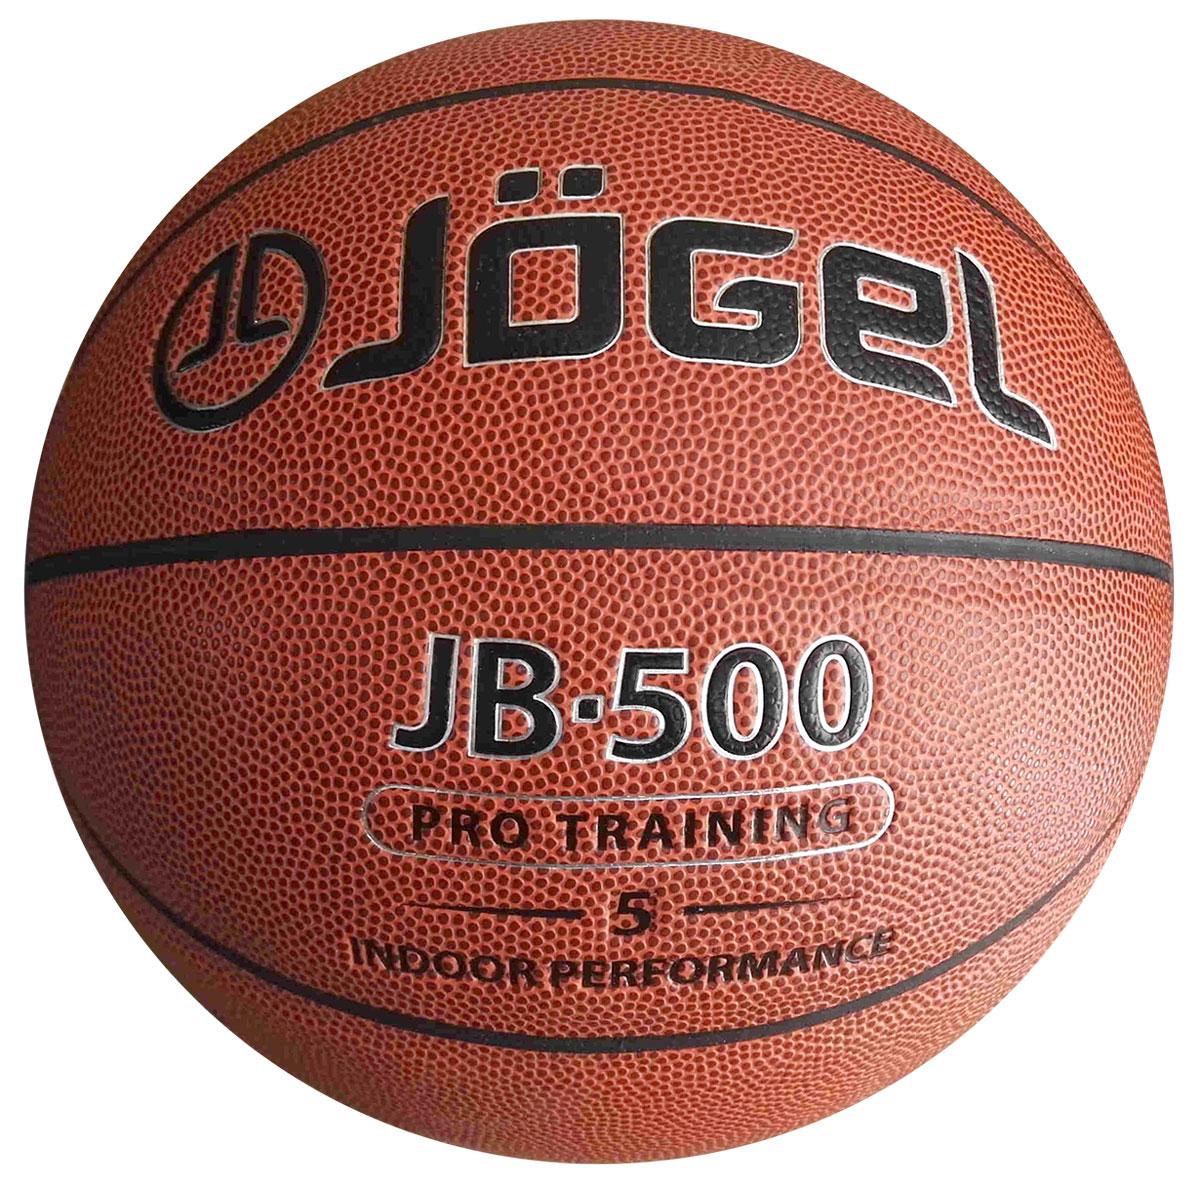 Мяч баскетбольный Jogel, цвет: коричневый. Размер 5. JB-500УТ-00009328Качественный баскетбольный мяч Jogel из серии PRO TRAINING – предназначен для любительской игры, тренировок и соревнований любительских команд и команд среднего уровня. Покрышка мяча выполнена из высококачественной синтетической кожи (полиуретан). Использовалась технология DeepChannel (глубокие каналы), за счет этого достигается лучший контроль мяча во время броска и дриблинга. камера выполнена из бутила.Вес: 470-510 гр.Длина окружности: 69-71 см.Рекомендованное давление: 0.5-0.6 бар.УВАЖАЕМЫЕ КЛИЕНТЫ!Обращаем ваше внимание на тот факт, что мяч поставляется в сдутом виде. Насос в комплект не входит.